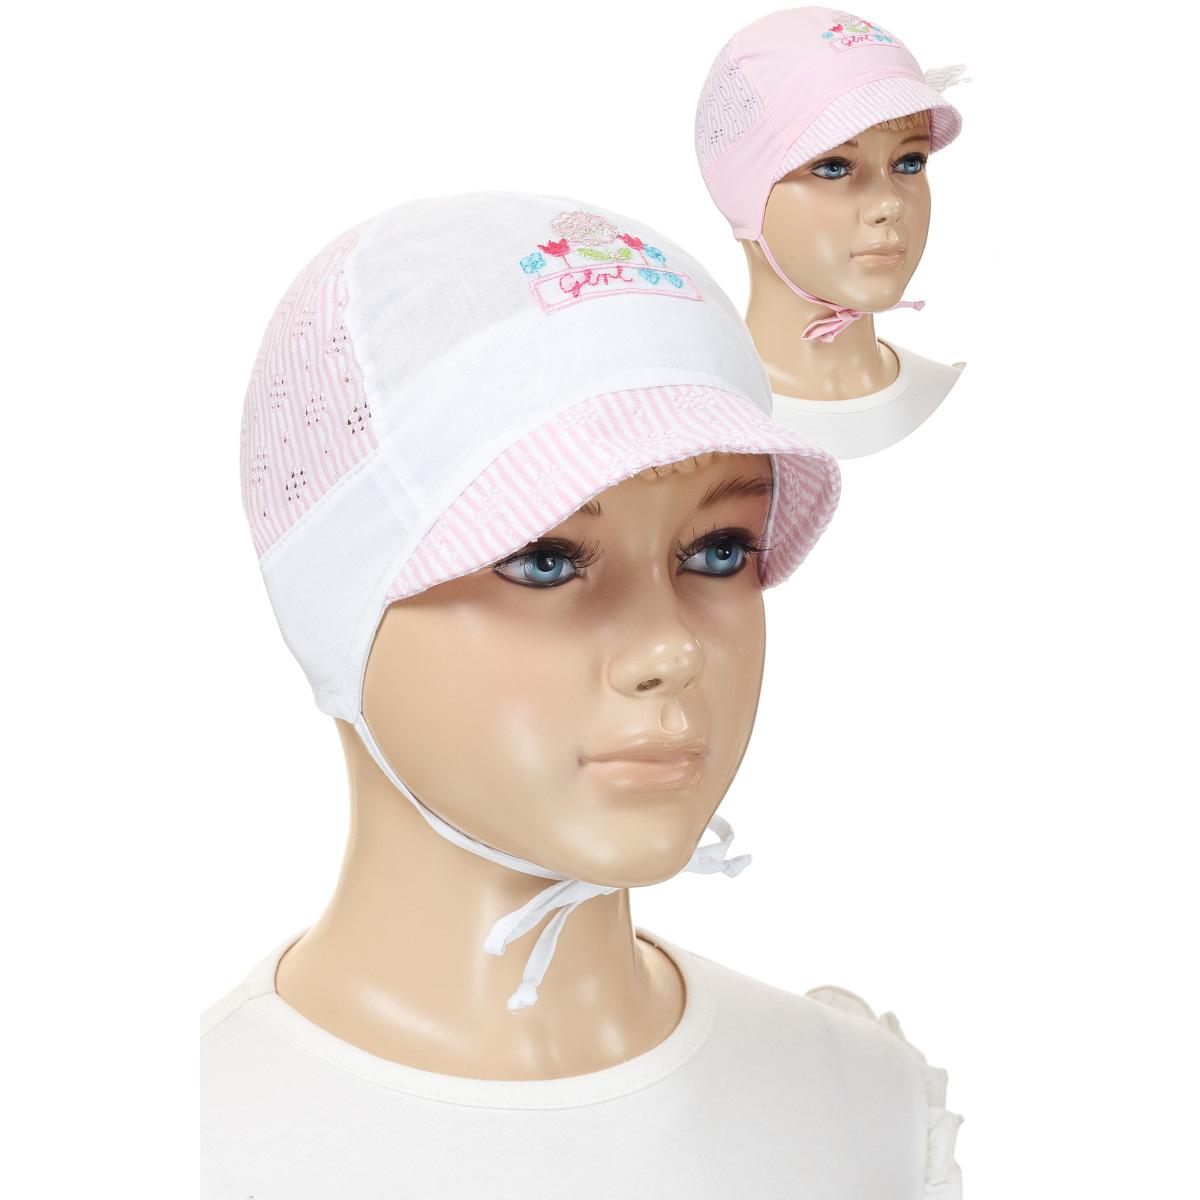 ПанамаQ5312-22Панама для девочки AKAZ станет ярким дополнением к детскому образу. Изготовленная из натурального хлопка, она не раздражает нежную и чувствительную кожу, хорошо пропускает воздух. Панама с небольшим козырьком дополнена эластичной вставкой и небольшими завязками для лучшей фиксации на голове. Оформлено изделие принтом полоску и вышитым рисунком. Такая панама послужит отличным аксессуаром во время прогулок и игр на свежем воздухе, который защитит голову вашего ребенка от солнца. В ней маленькая модница всегда будет в центре внимания! Уважаемые клиенты! Размер, доступный для заказа, является обхватом головы.